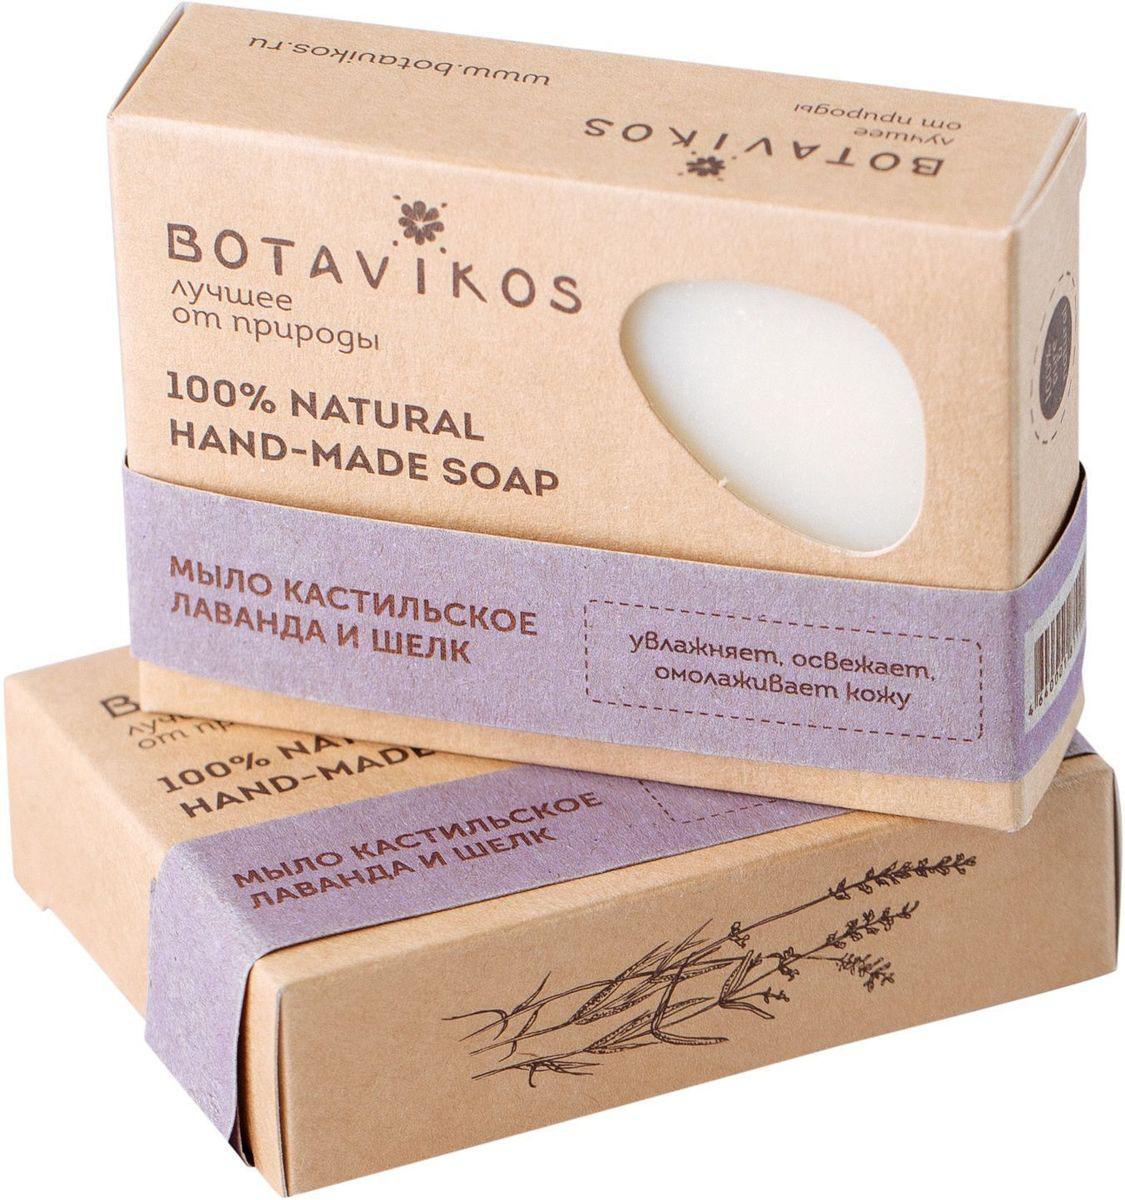 Botavikos мыло кастильское Лаванда и Шелк00009292Кастильское мыло, изящная душистая композиция которого сочетает сладость лаванды с травянистой пряностью розмарина, ласкает кожу как роскошный шелковый платок. Среди достоинств этого косметического шедевра – преобладающее количество в его составе нерафинированного оливкового масла (90%), которое оказывает на кожу непревзойденное смягчающее и очищающее действие благодаря рекордному содержанию олеиновой кислоты. Еще одна удивительная особенность кастильского мыла - чем старше мыло, тем оно лучше, мягче и нежнее. Натуральные жирные масла – кокосовое, пальмовое и касторовое, поддерживающие оливковую основу кастильского мыла, отвечают за базовый уход за лицом и телом, увлажняя и питая кожу. Эфирное масло лаванды обладает выраженными способностями снимать воспаление, раздражение, зуд, шелушение, отеки, покраснение при чувствительной коже. Улучшает состояние и внешний вид уставшей кожи, освежая, тонизируя и придавая упругость. Аромат лаванды придает сил в минуты...